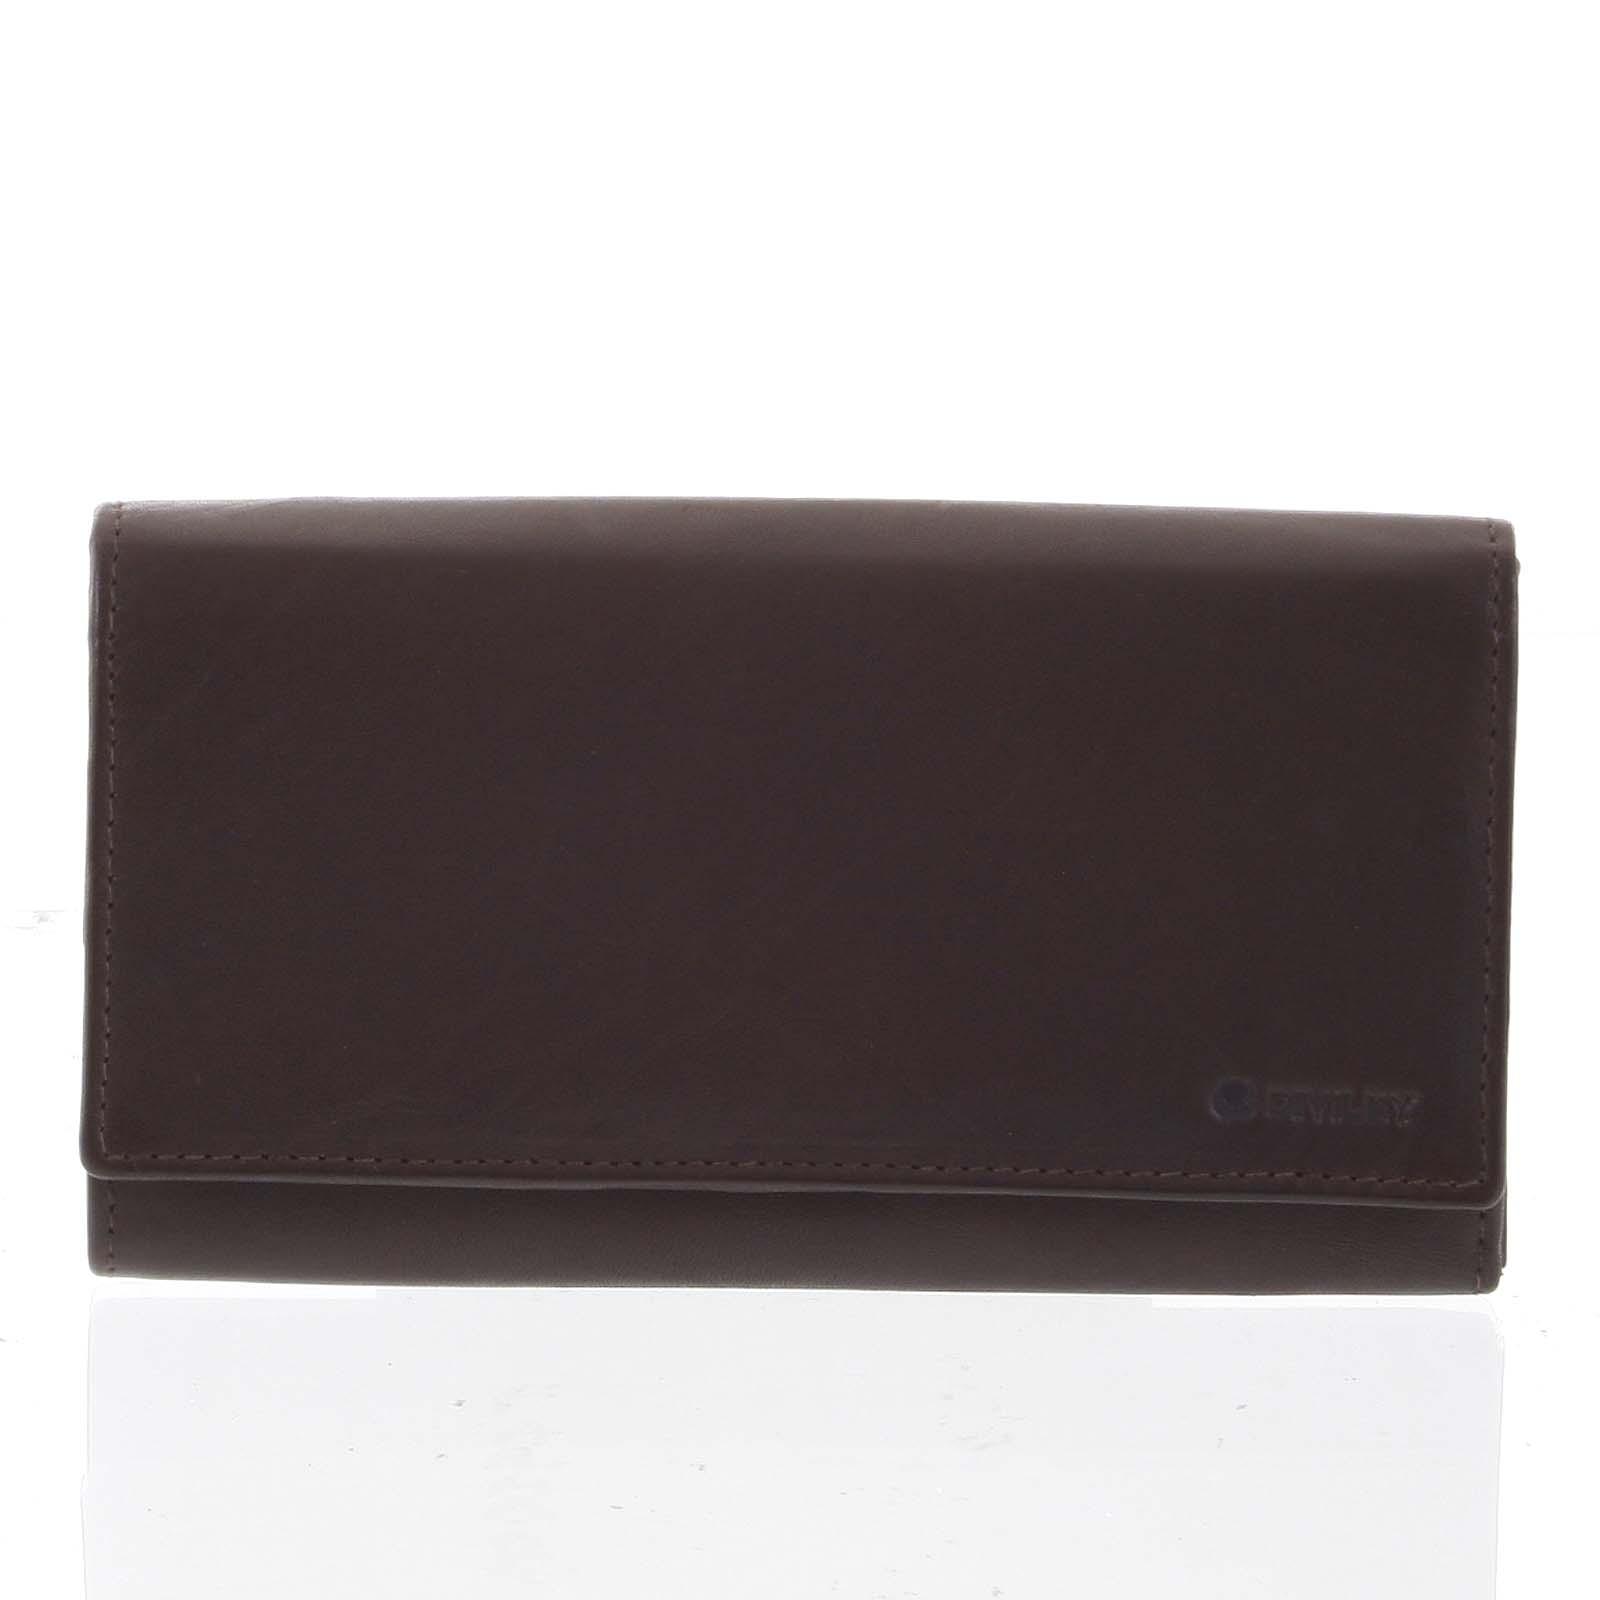 Dámska klasická hnedá kožená peňaženka - Diviley Uniberso